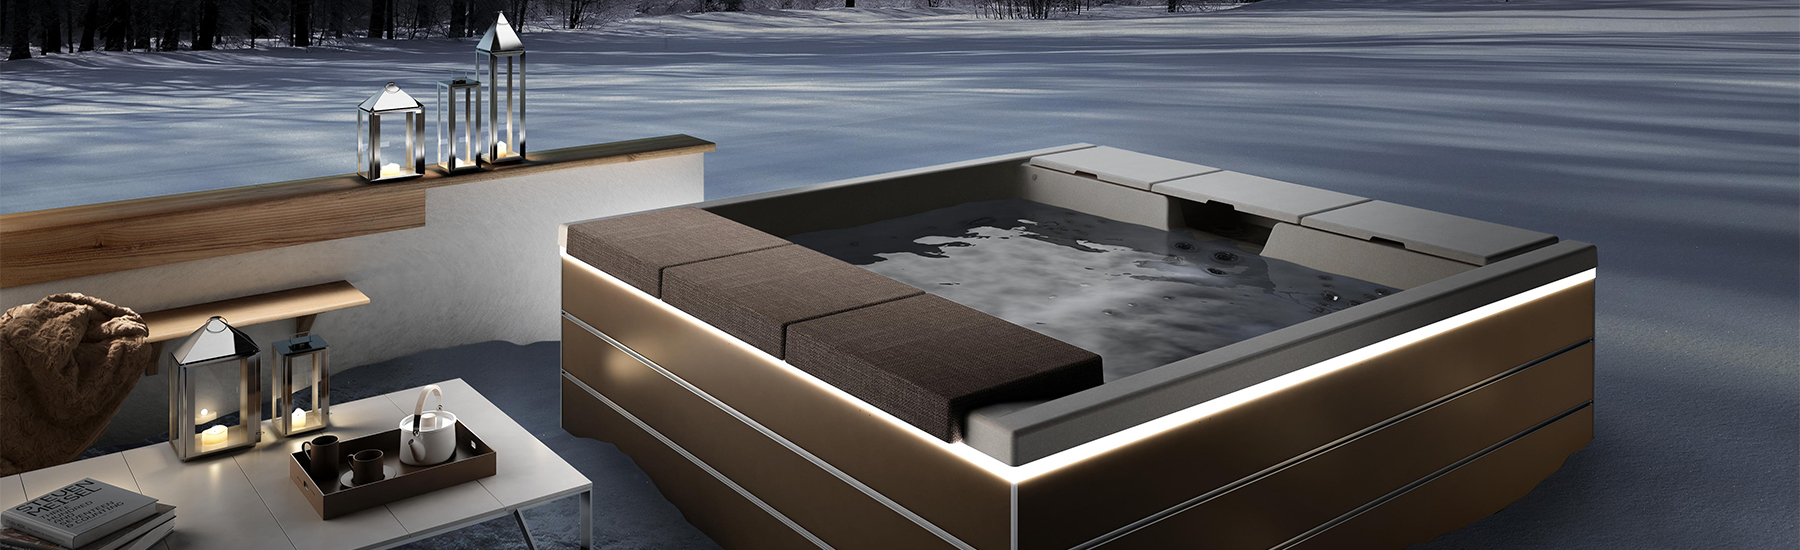 slide_sauna4